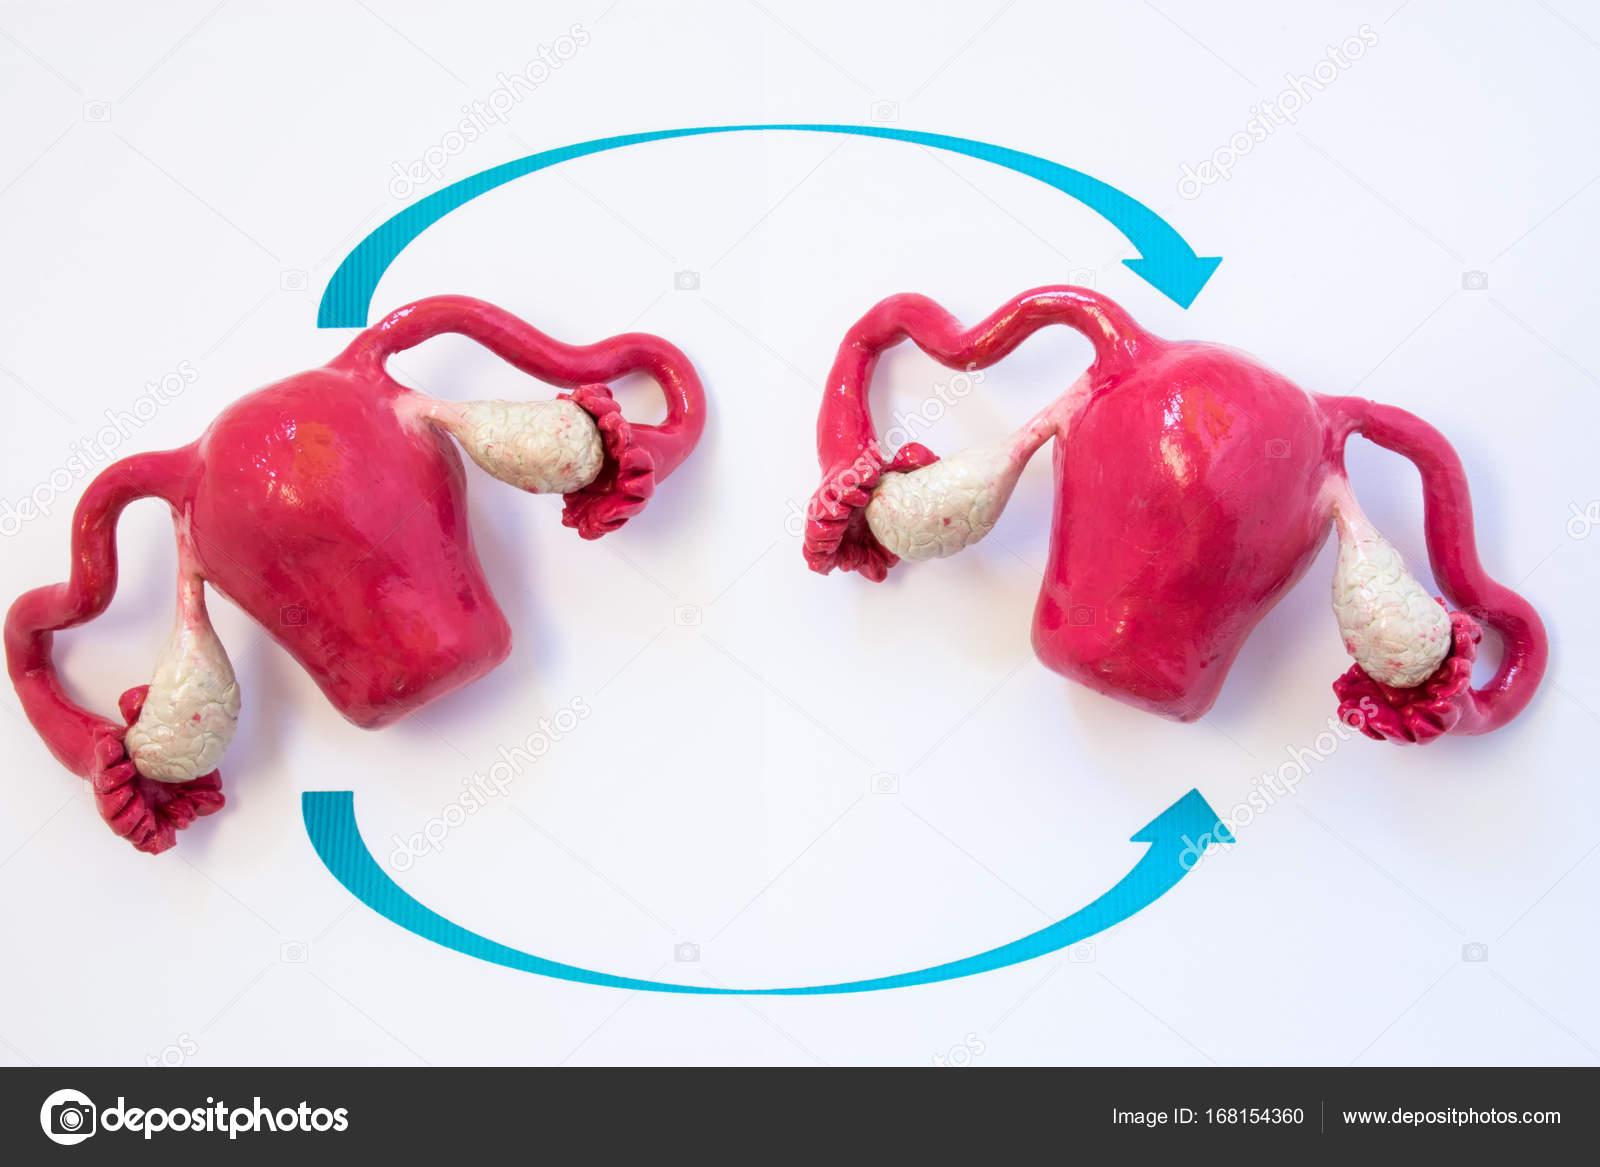 Foto de concepto de trasplante de útero. Dos modelos anatómicos del ...